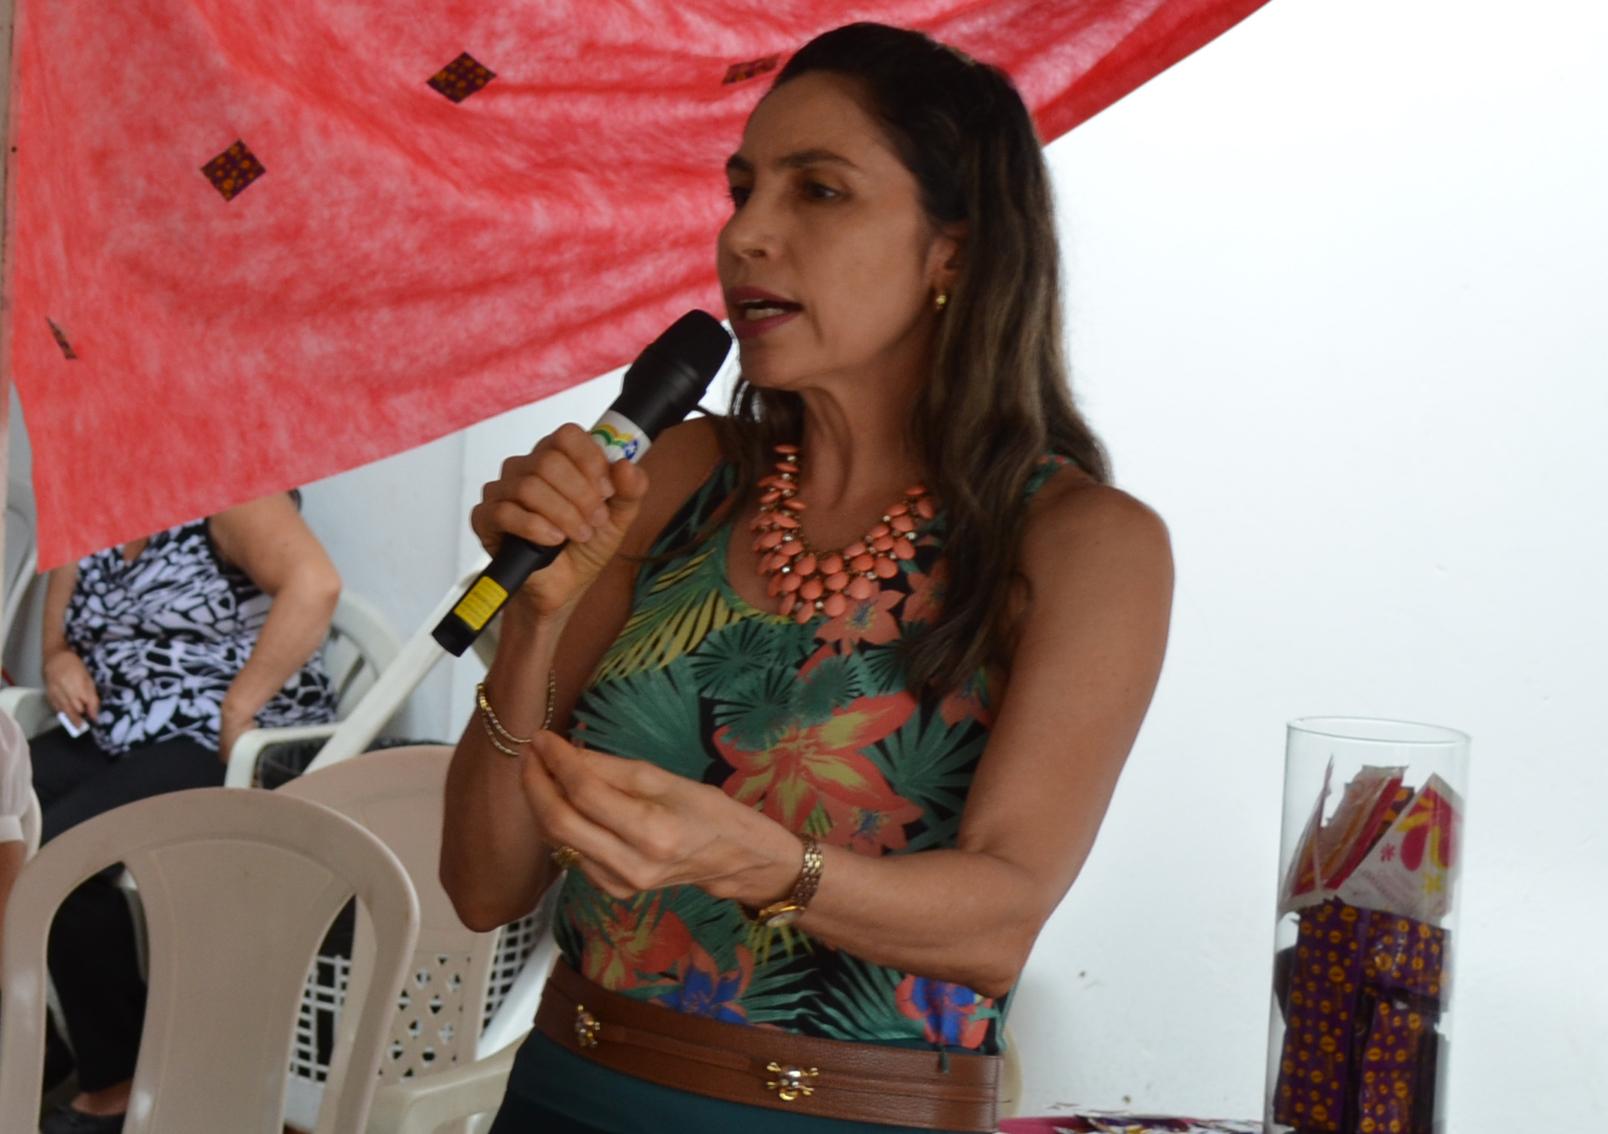 Segundo Telma Evangelista, da Sesapi, o Piauí aposta na articulação entre as diversas secretarias do governo para melhorar as condições de vida da população